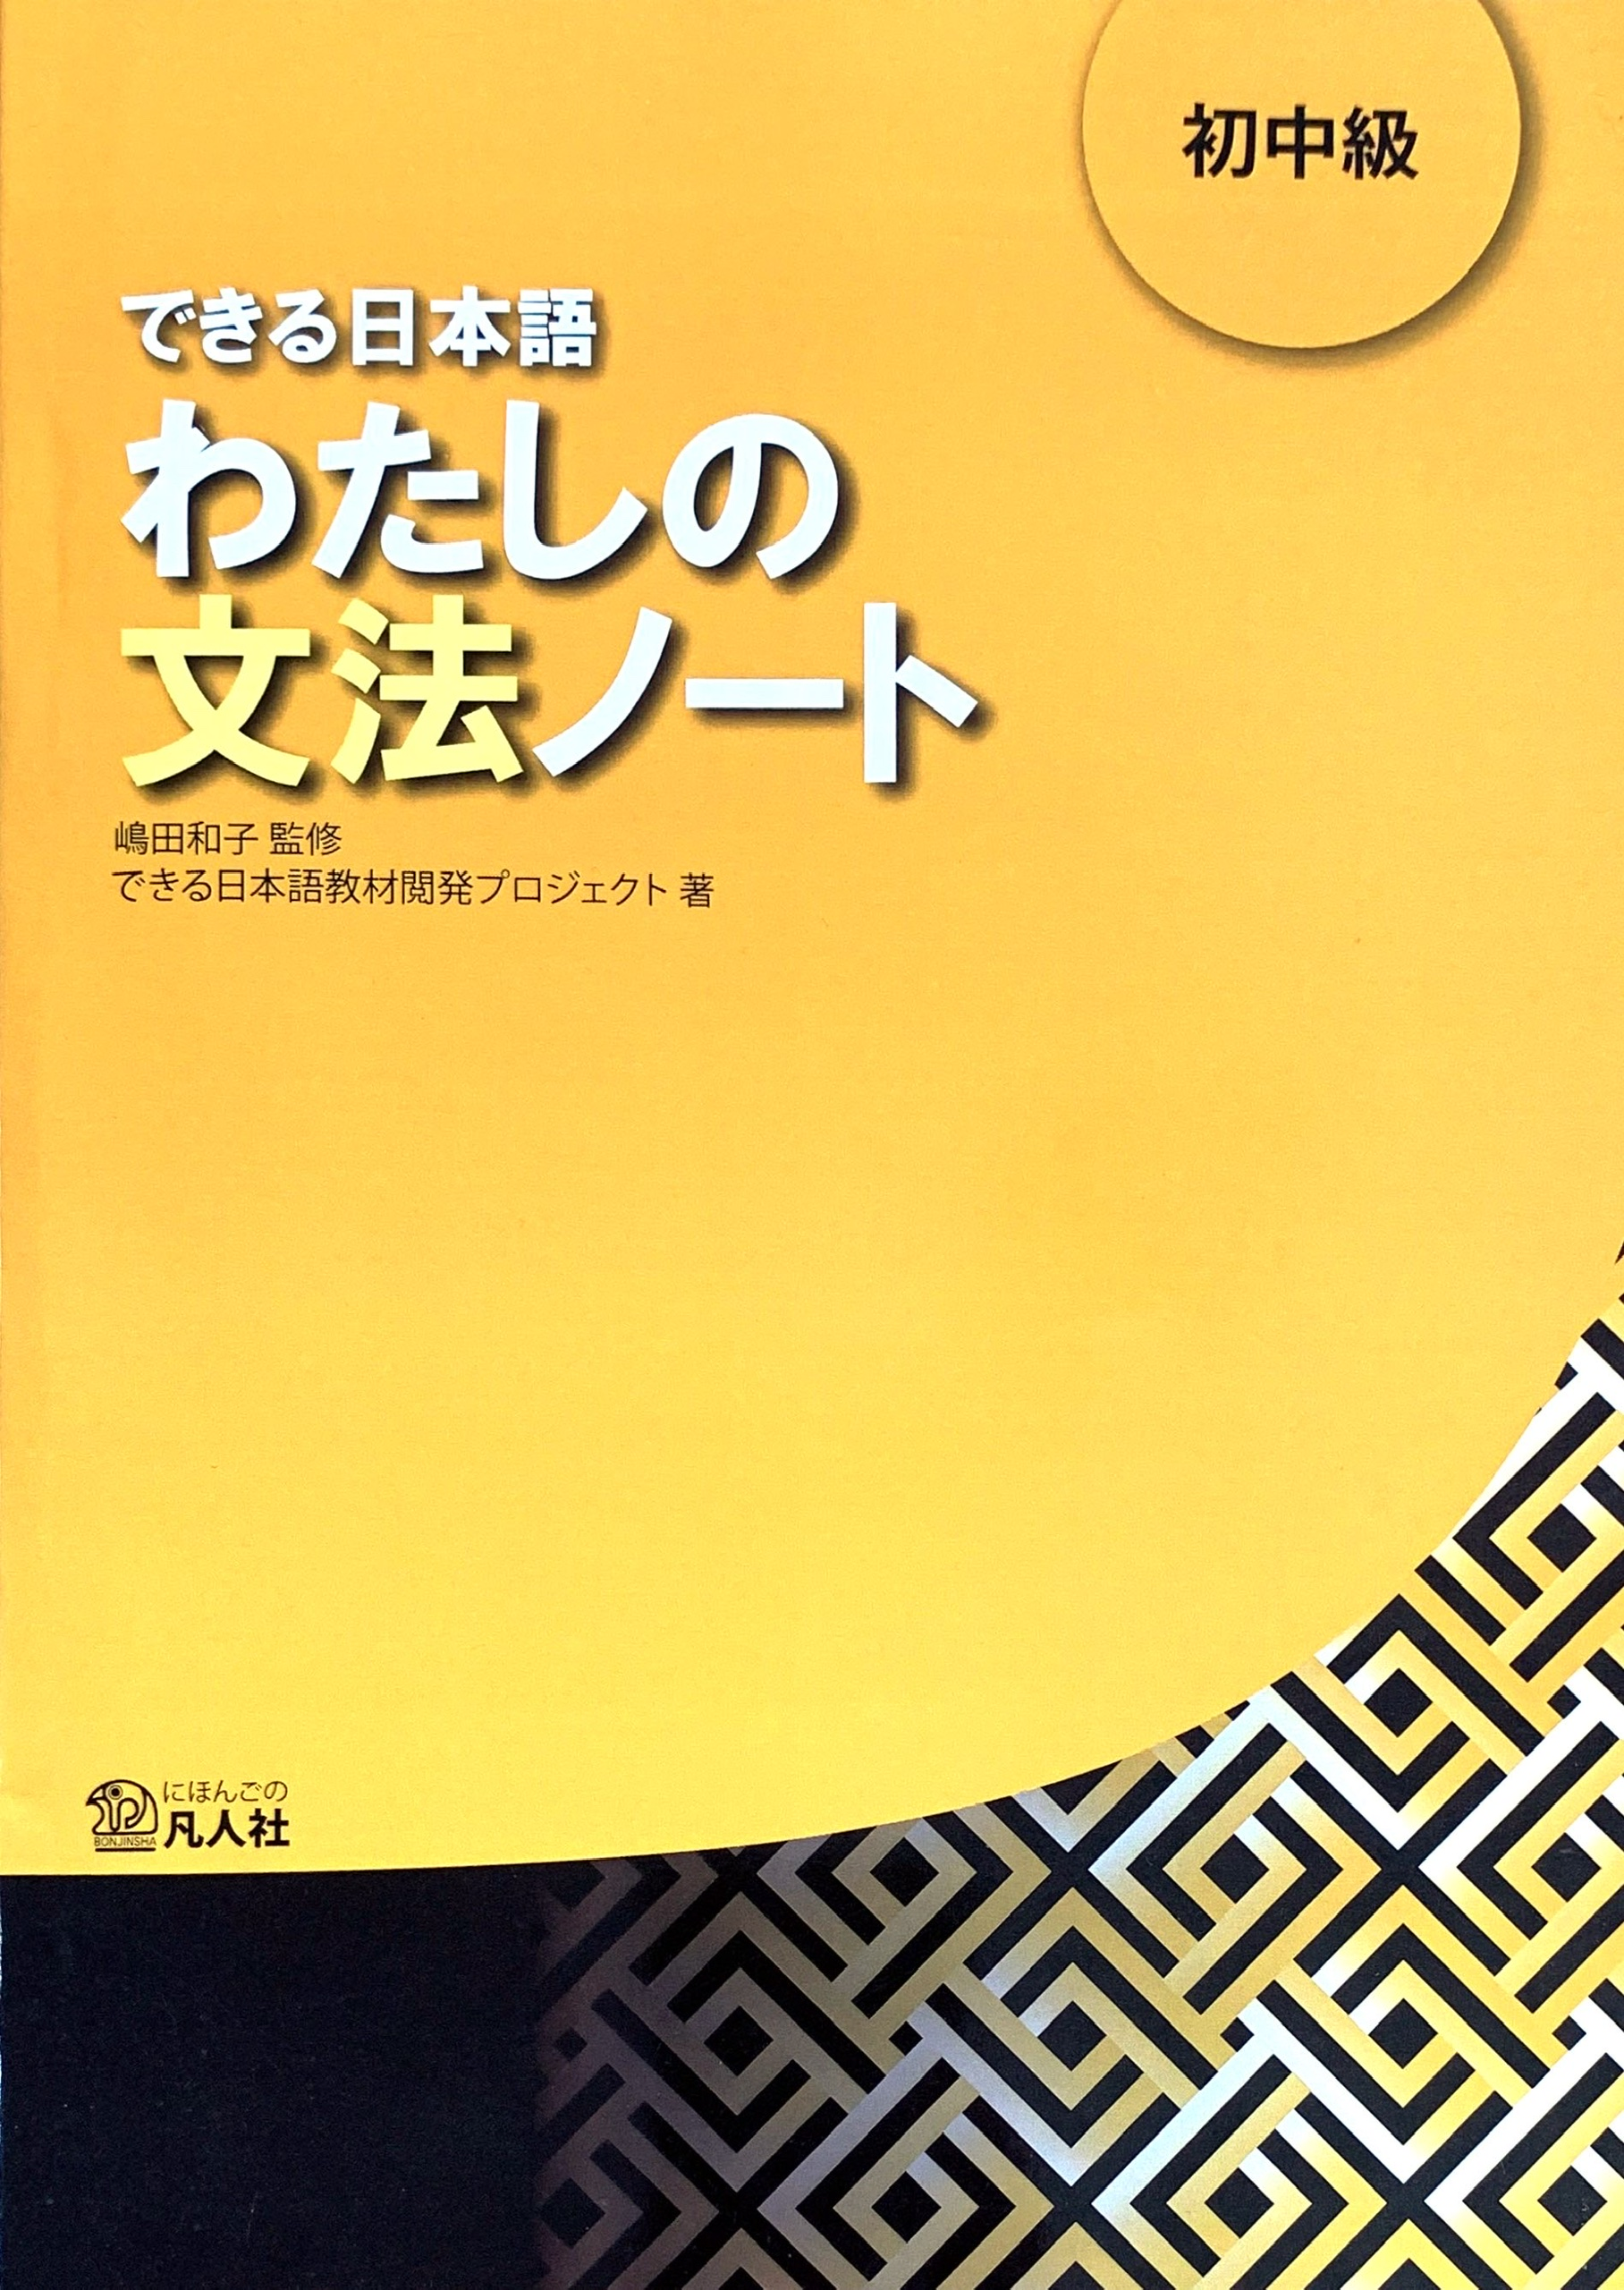 Lifestyle designGiáo Trình Tiếng Nhật Dekiru Nihongo Sơ Trung Cấp Bunpou Noto (Bài Tập Ngữ Pháp)